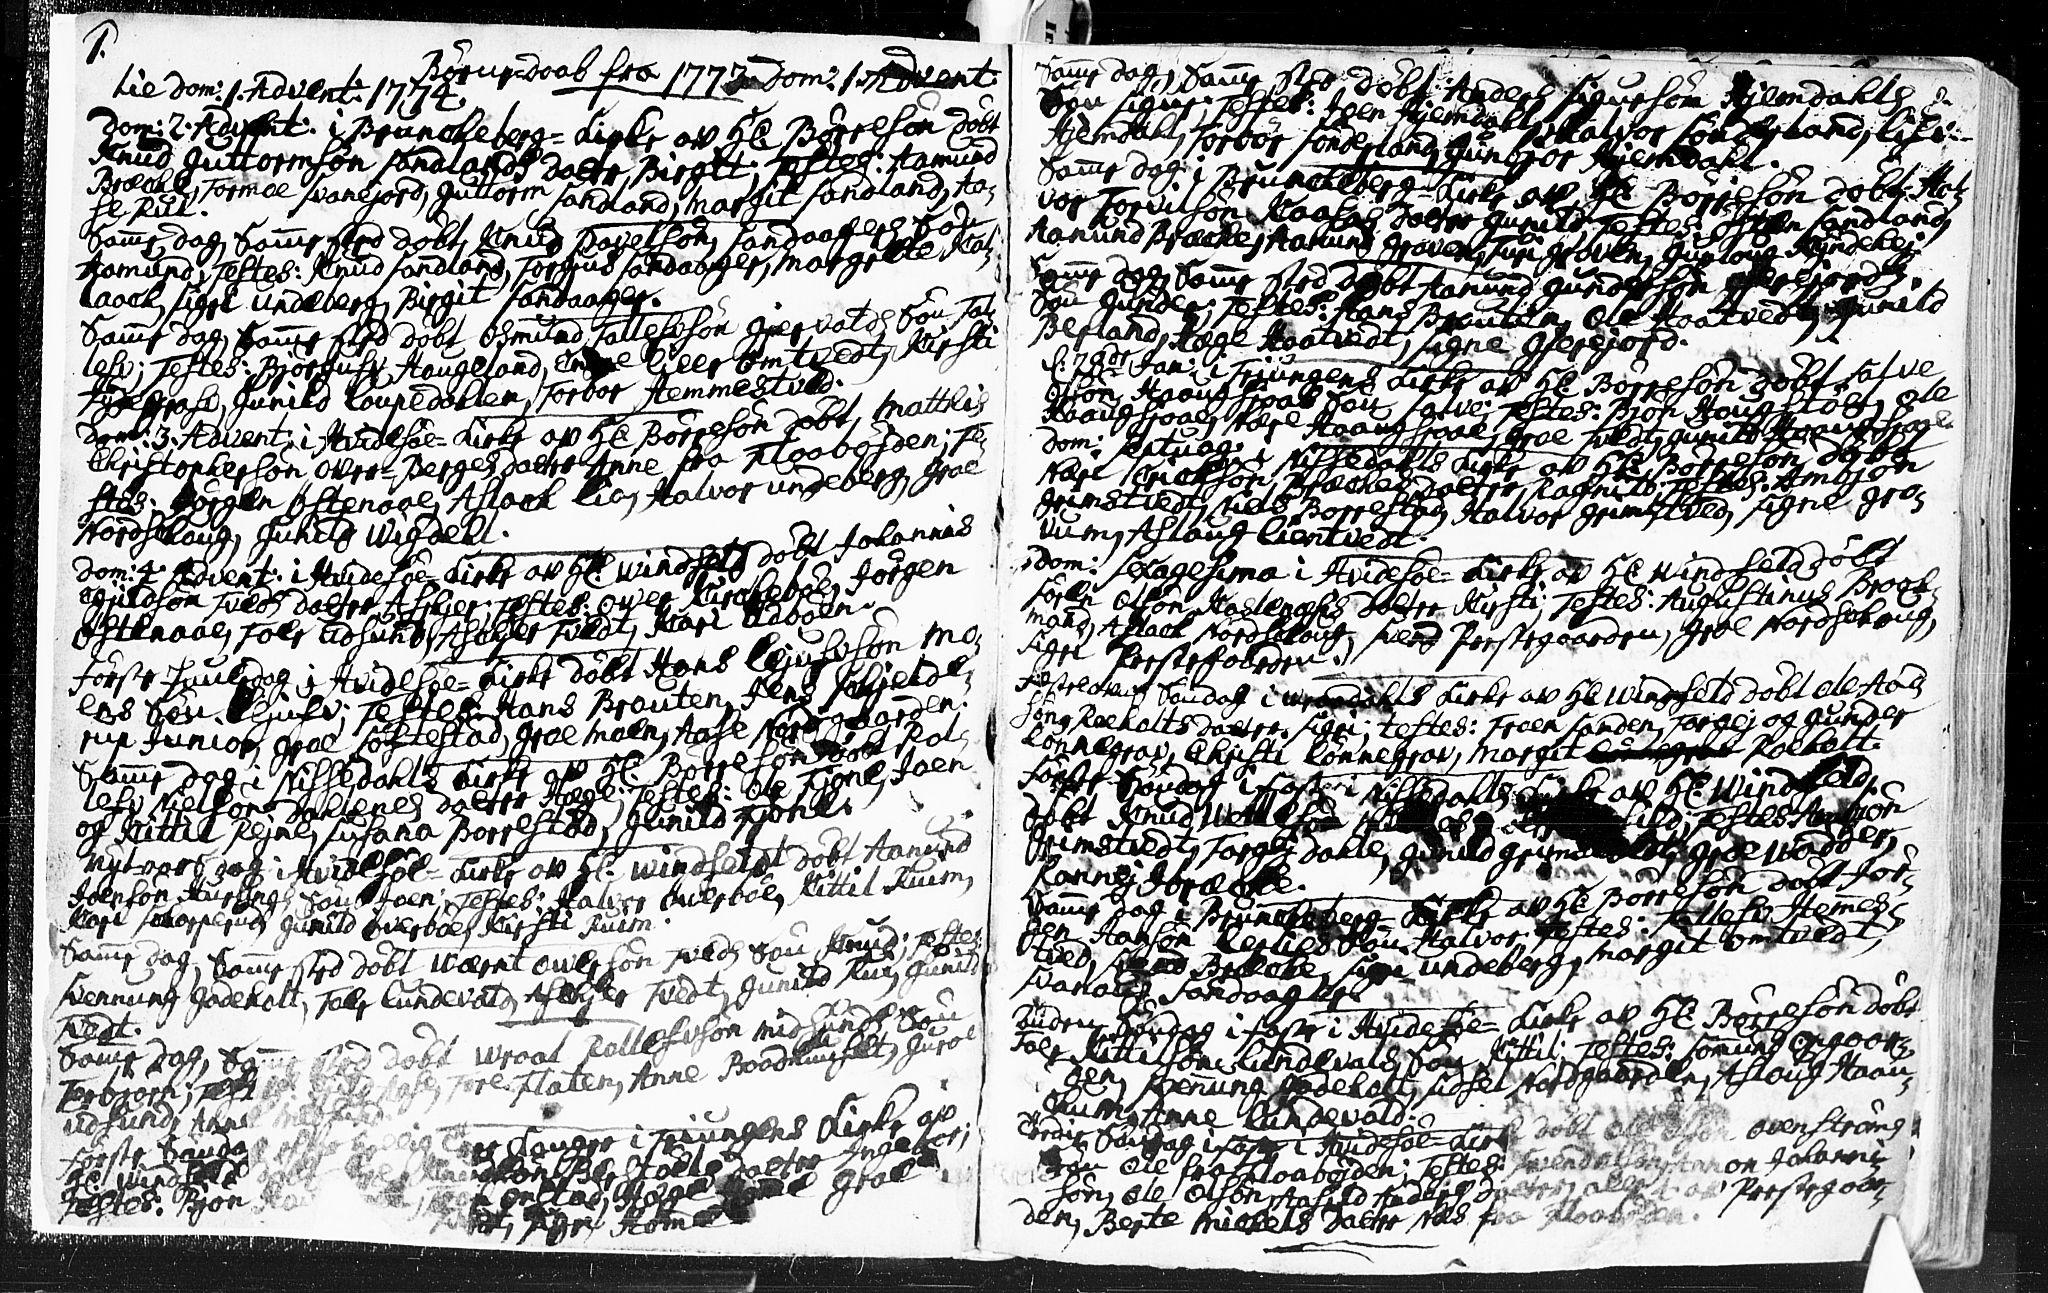 SAKO, Kviteseid kirkebøker, F/Fa/L0002: Ministerialbok nr. I 2, 1773-1786, s. 2